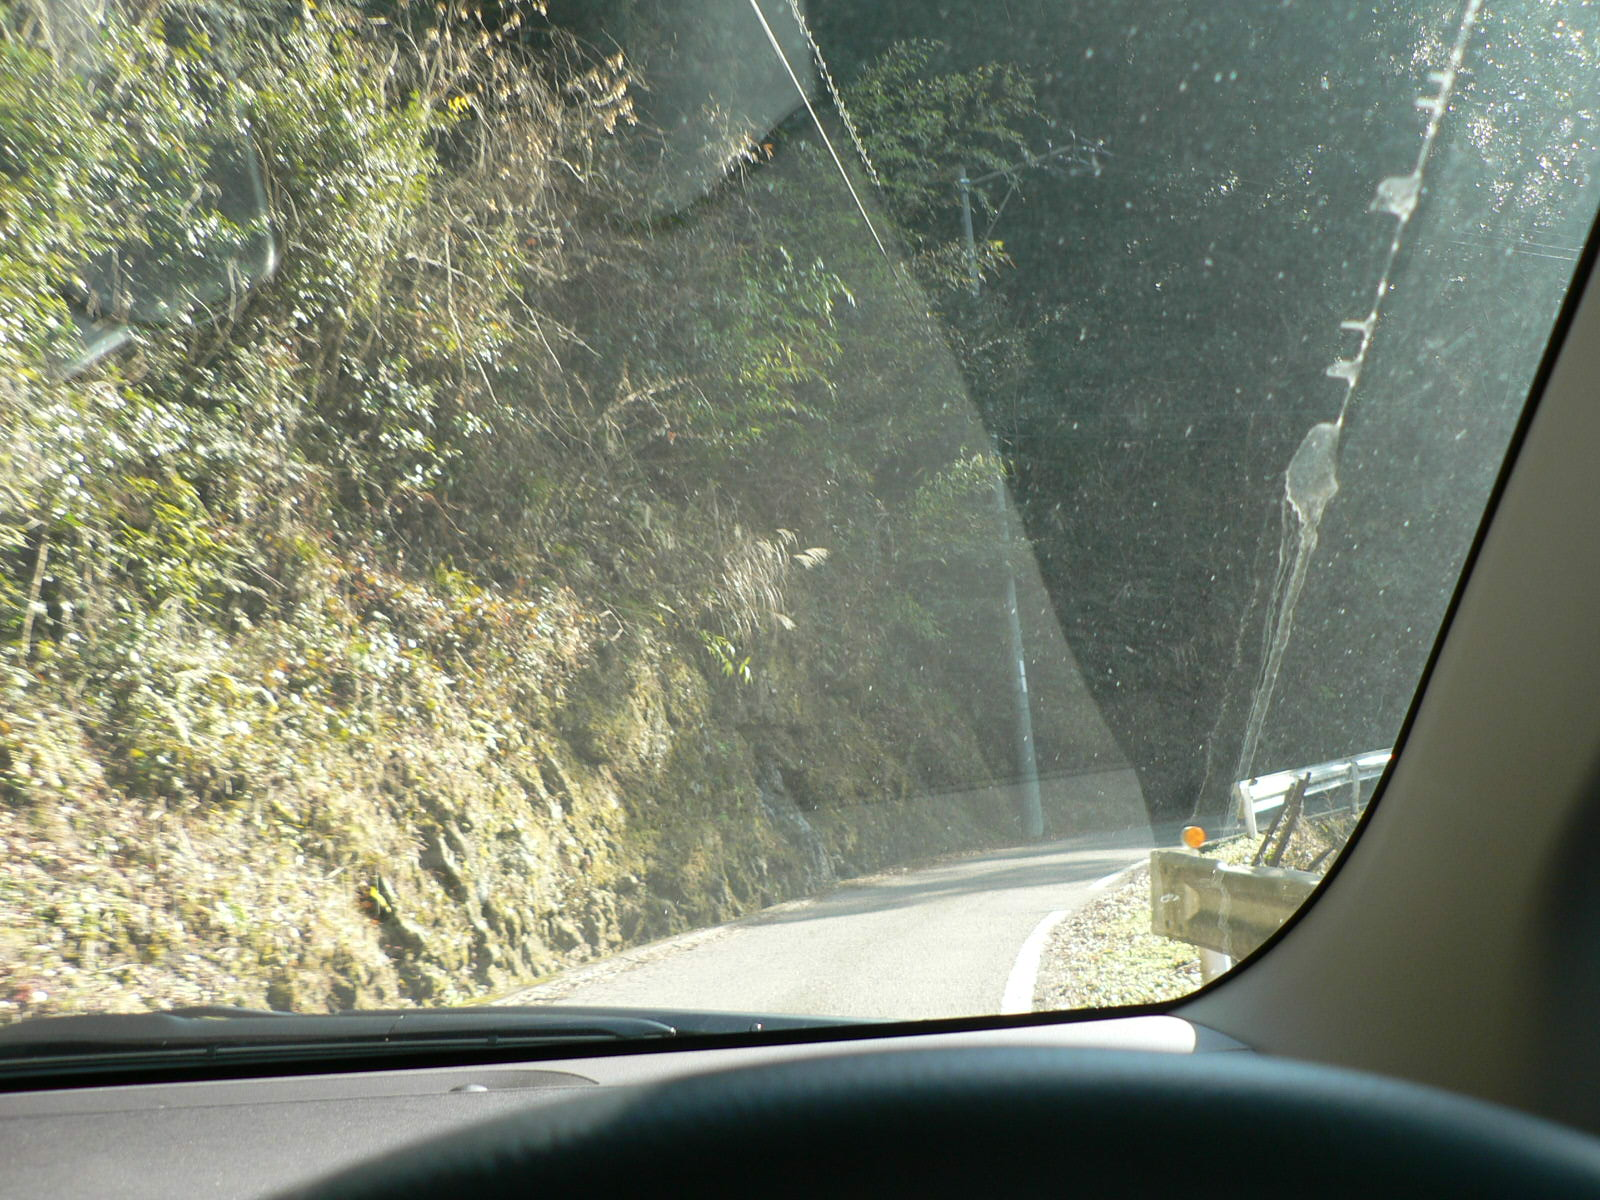 塩塚までの道のり_e0146402_21114940.jpg